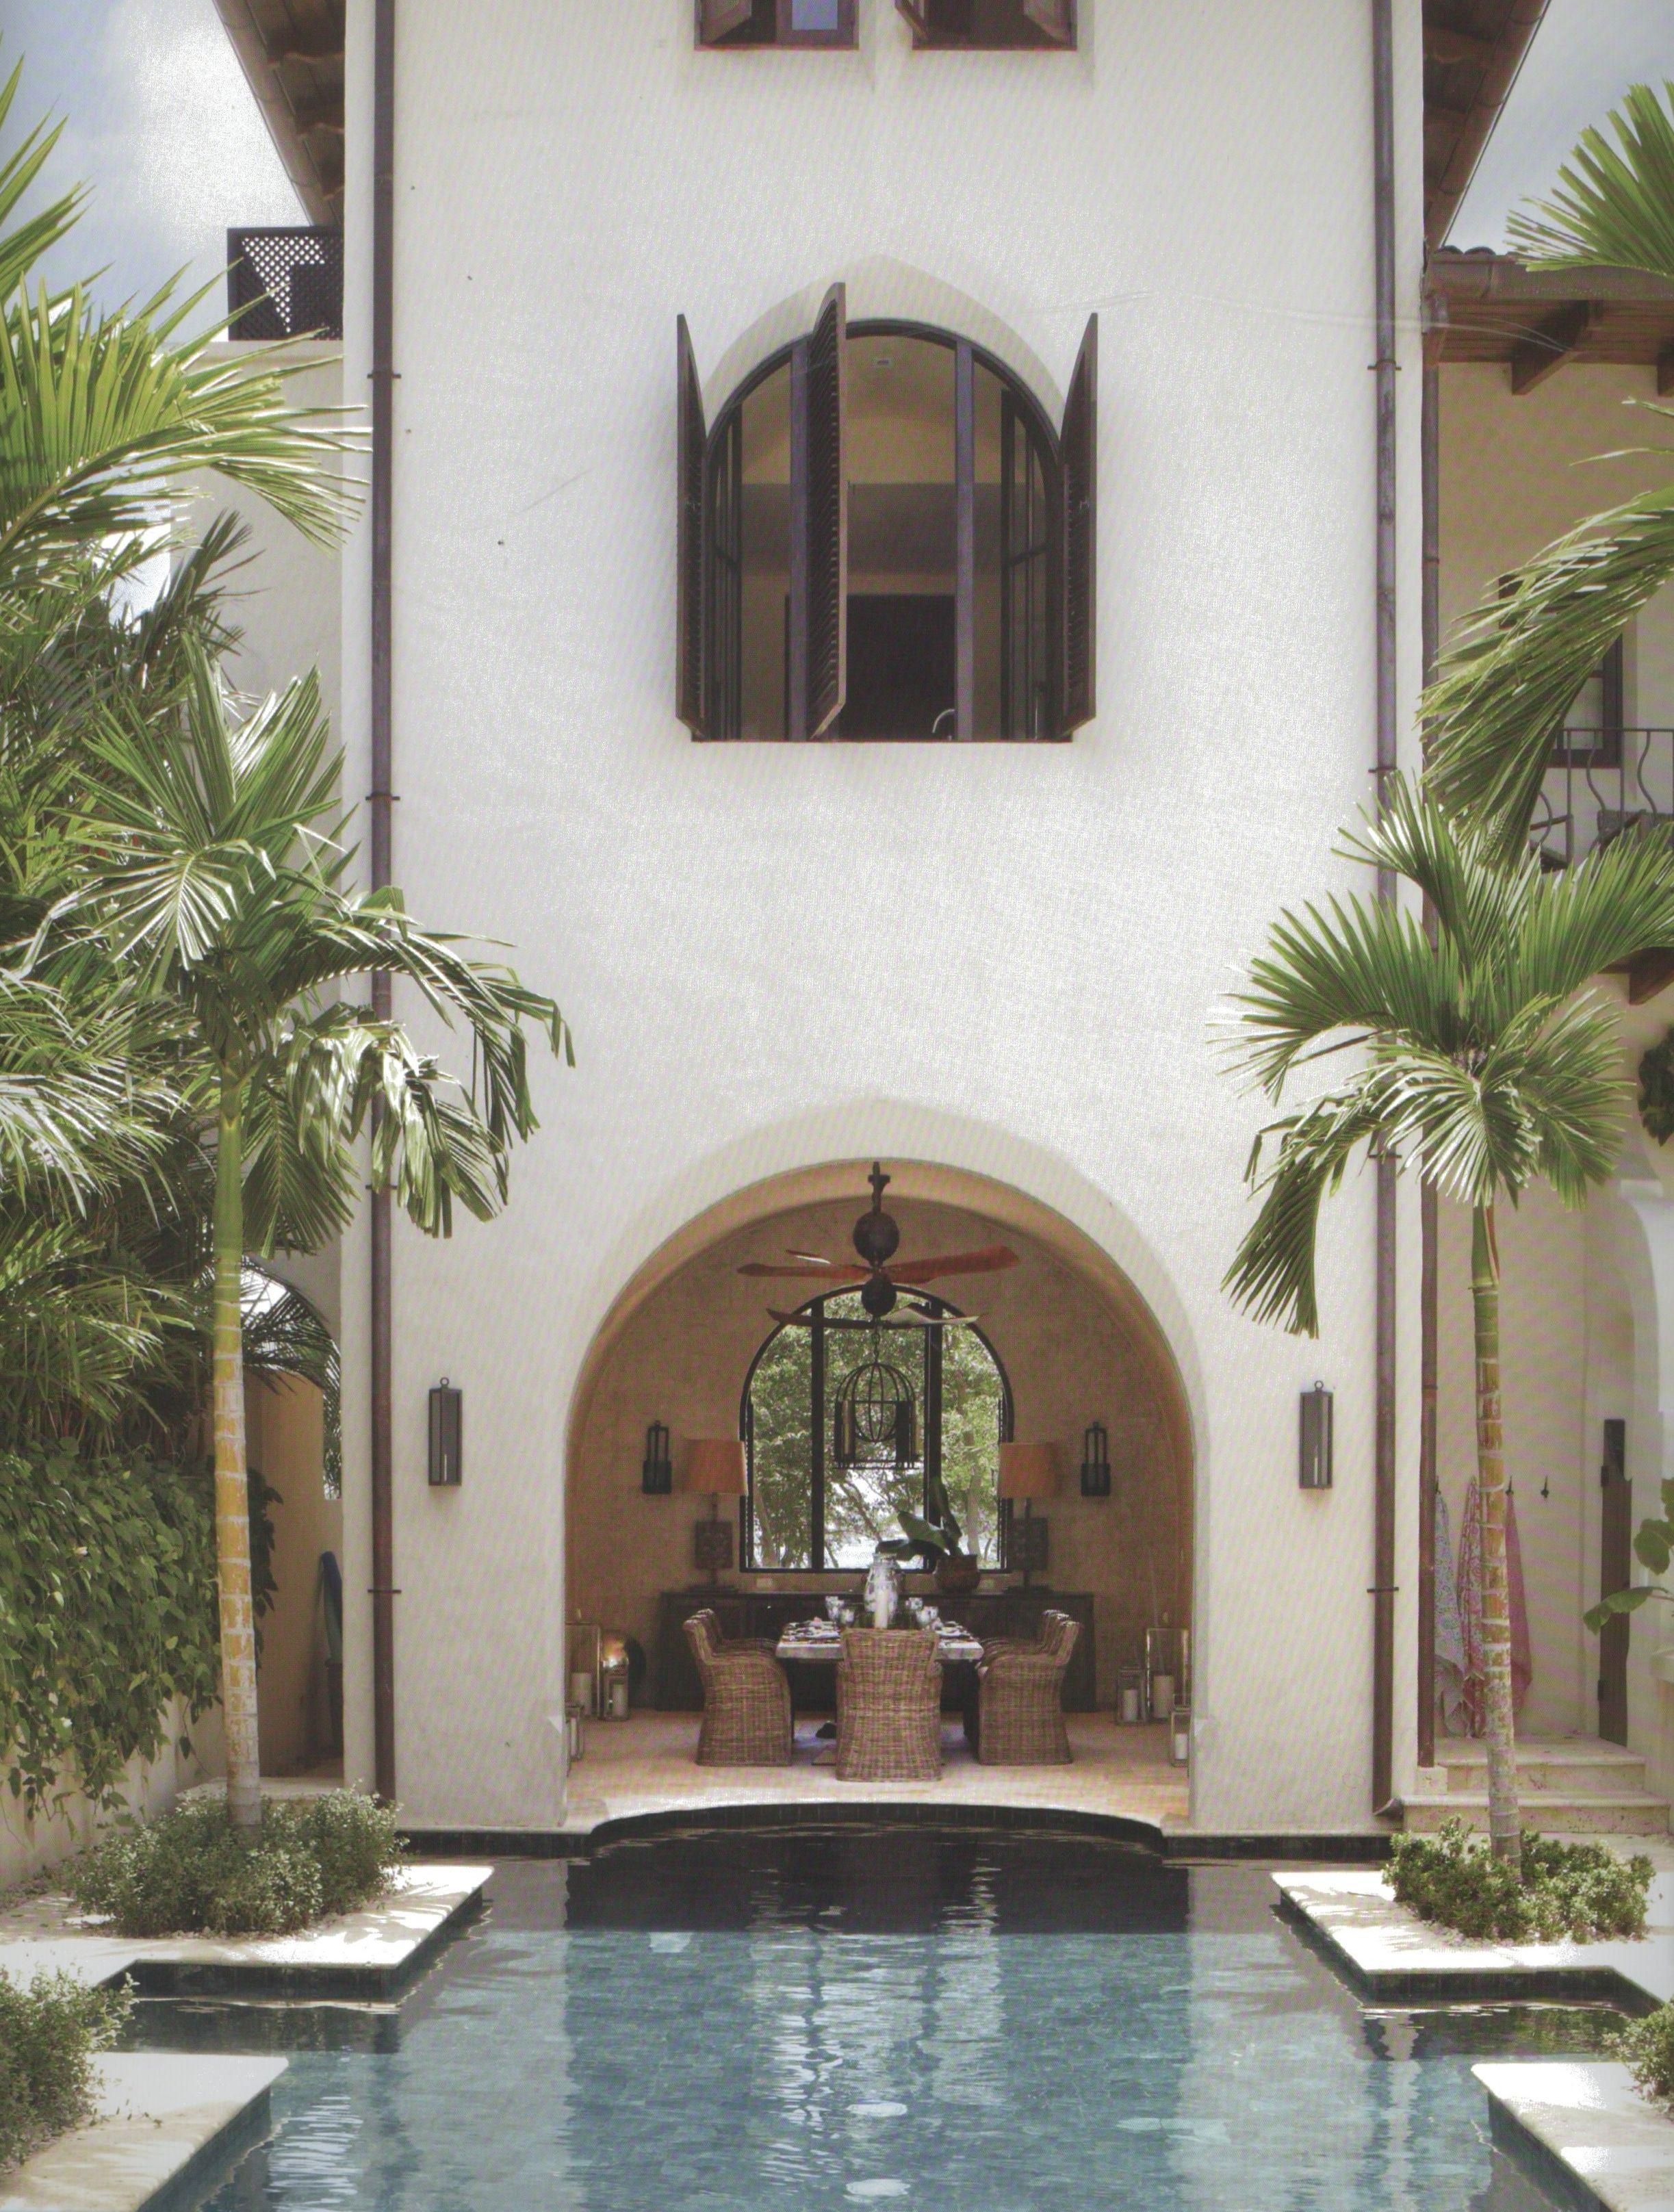 Veranda art of outdoor living - veranda-styledevie.fr